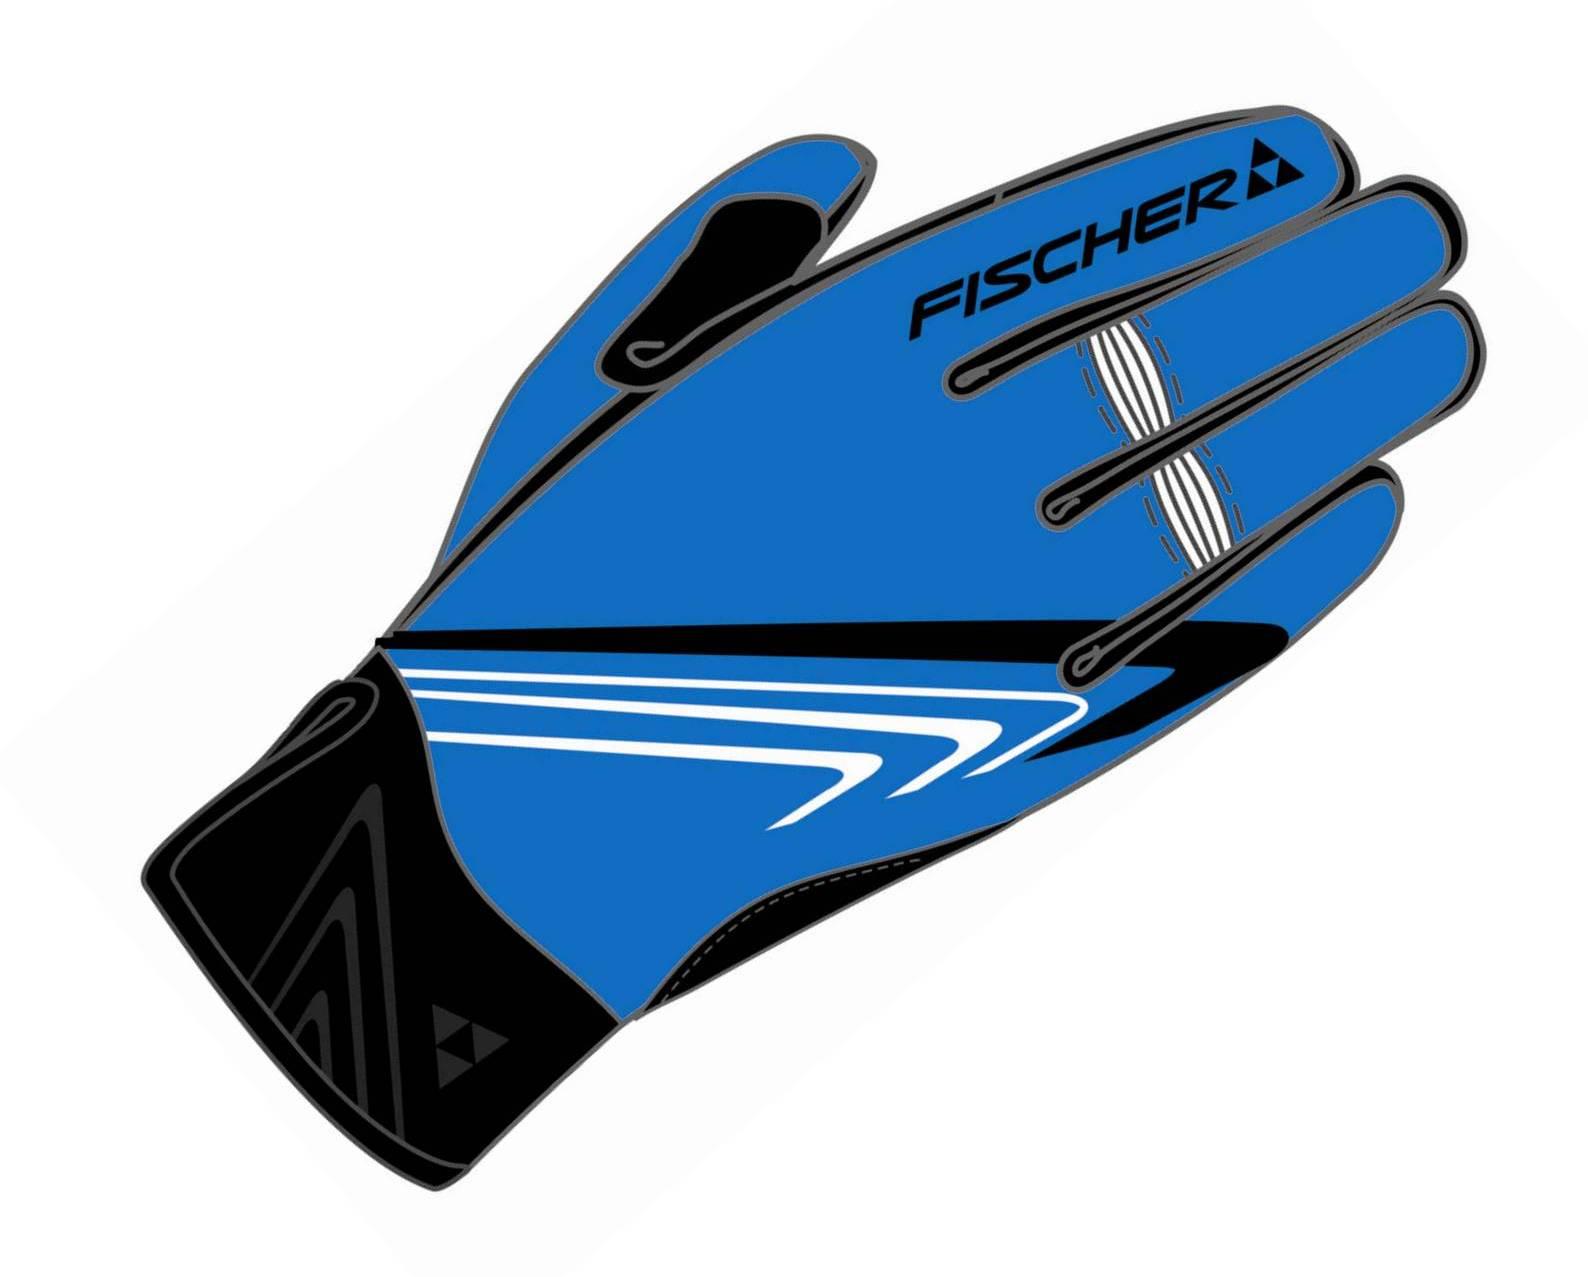 Rękawice na narty biegowe Fischer XC Glove New Tour, średnio ciepłe, niebieskie, kod G91314